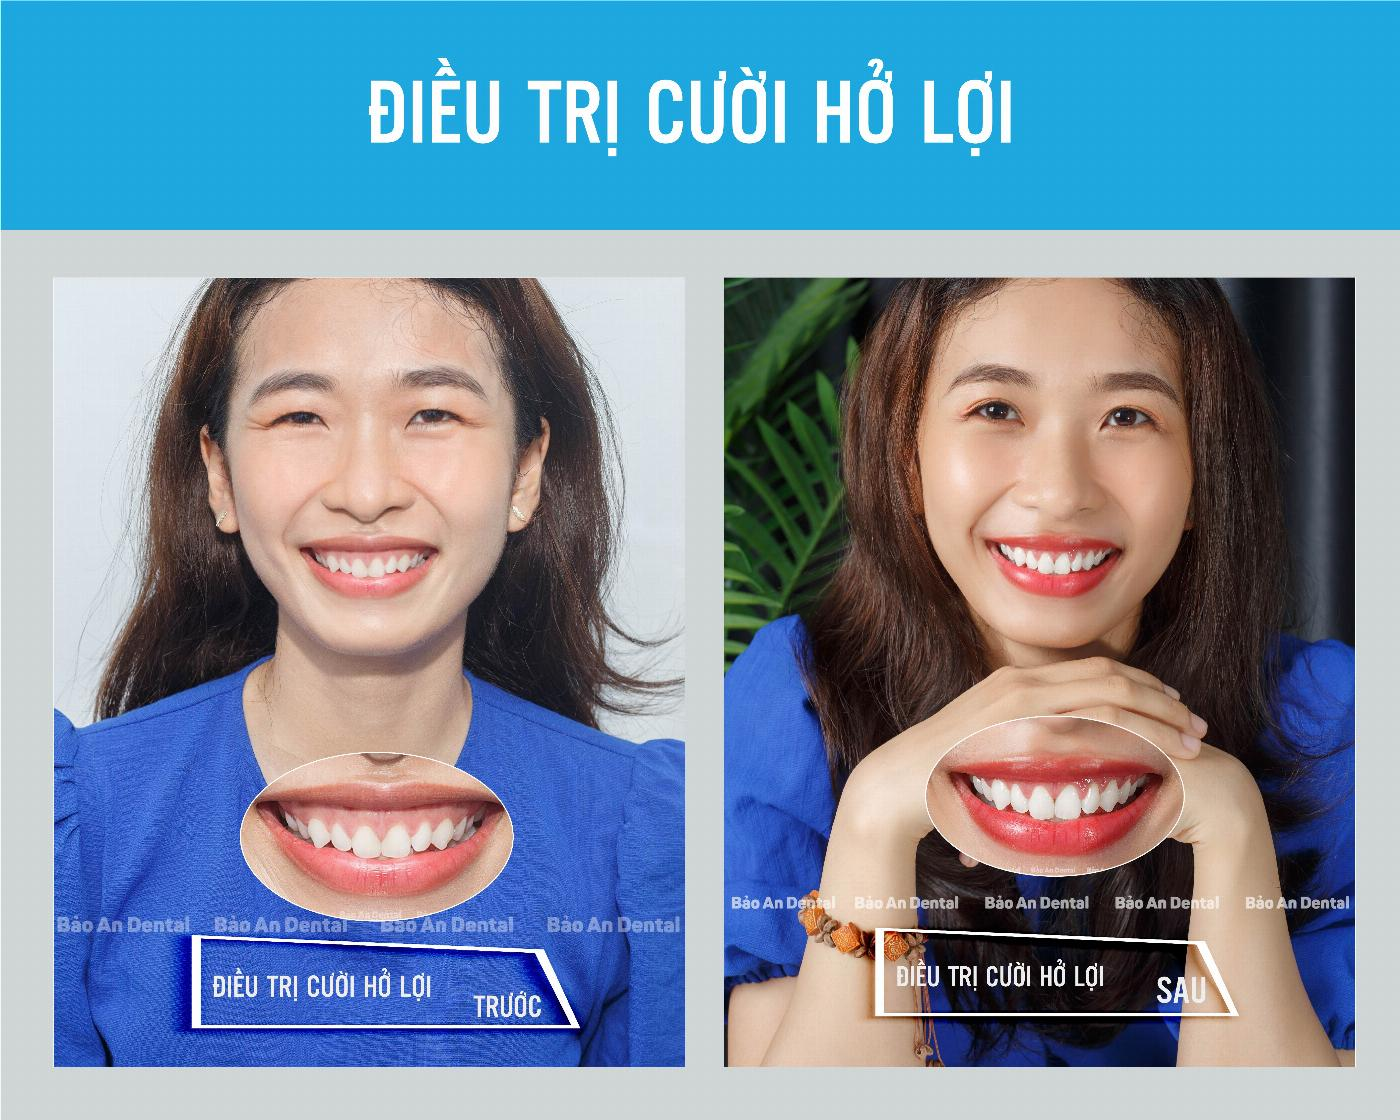 Điều trị cười hở lợi – Nguyên nhân và cách khắc phục (các phương pháp điều trị)